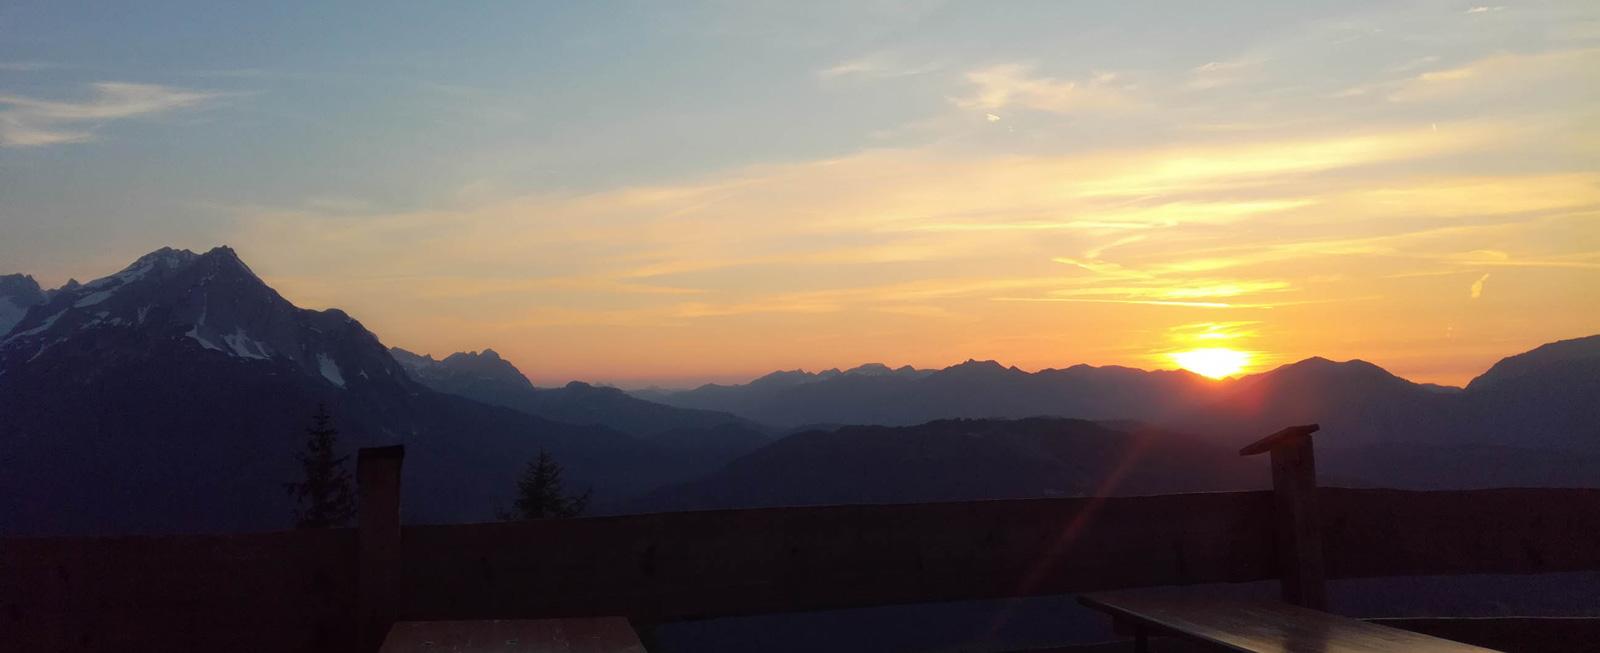 Sonnenuntergang in der Alpenwelt